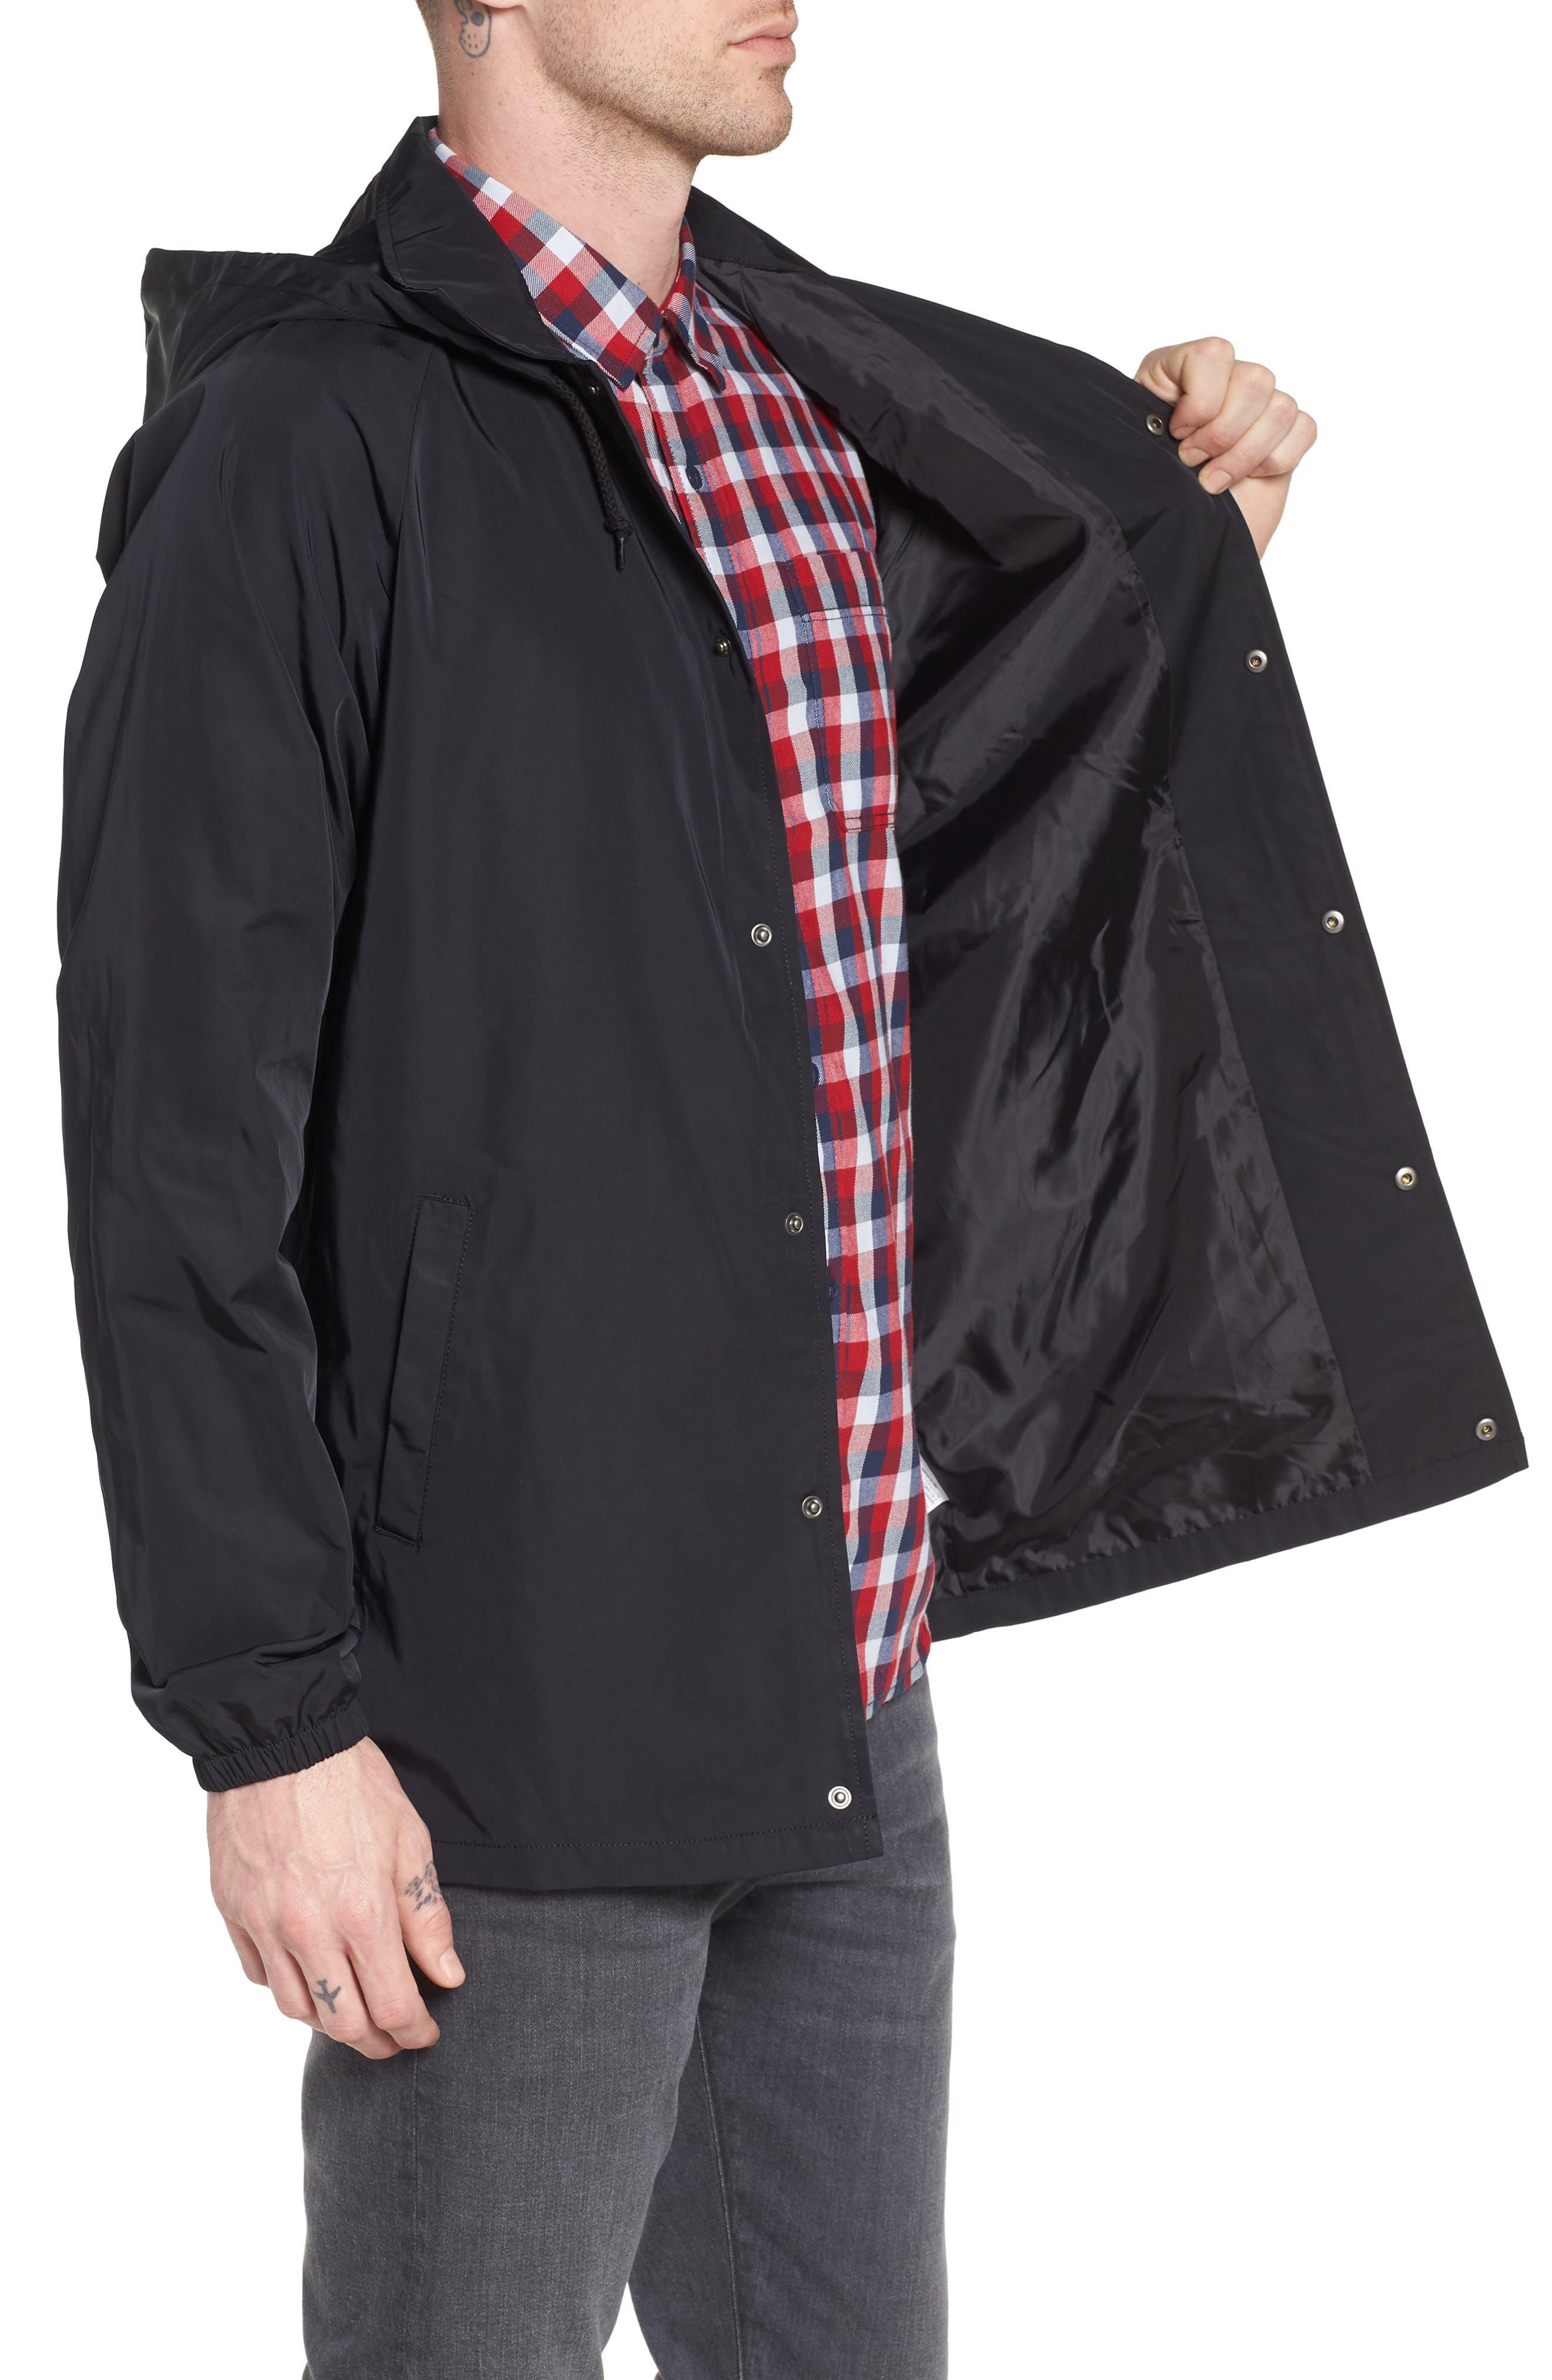 Torrey Water-Resistant Hooded Jacket,                             Alternate thumbnail 3, color,                             Black